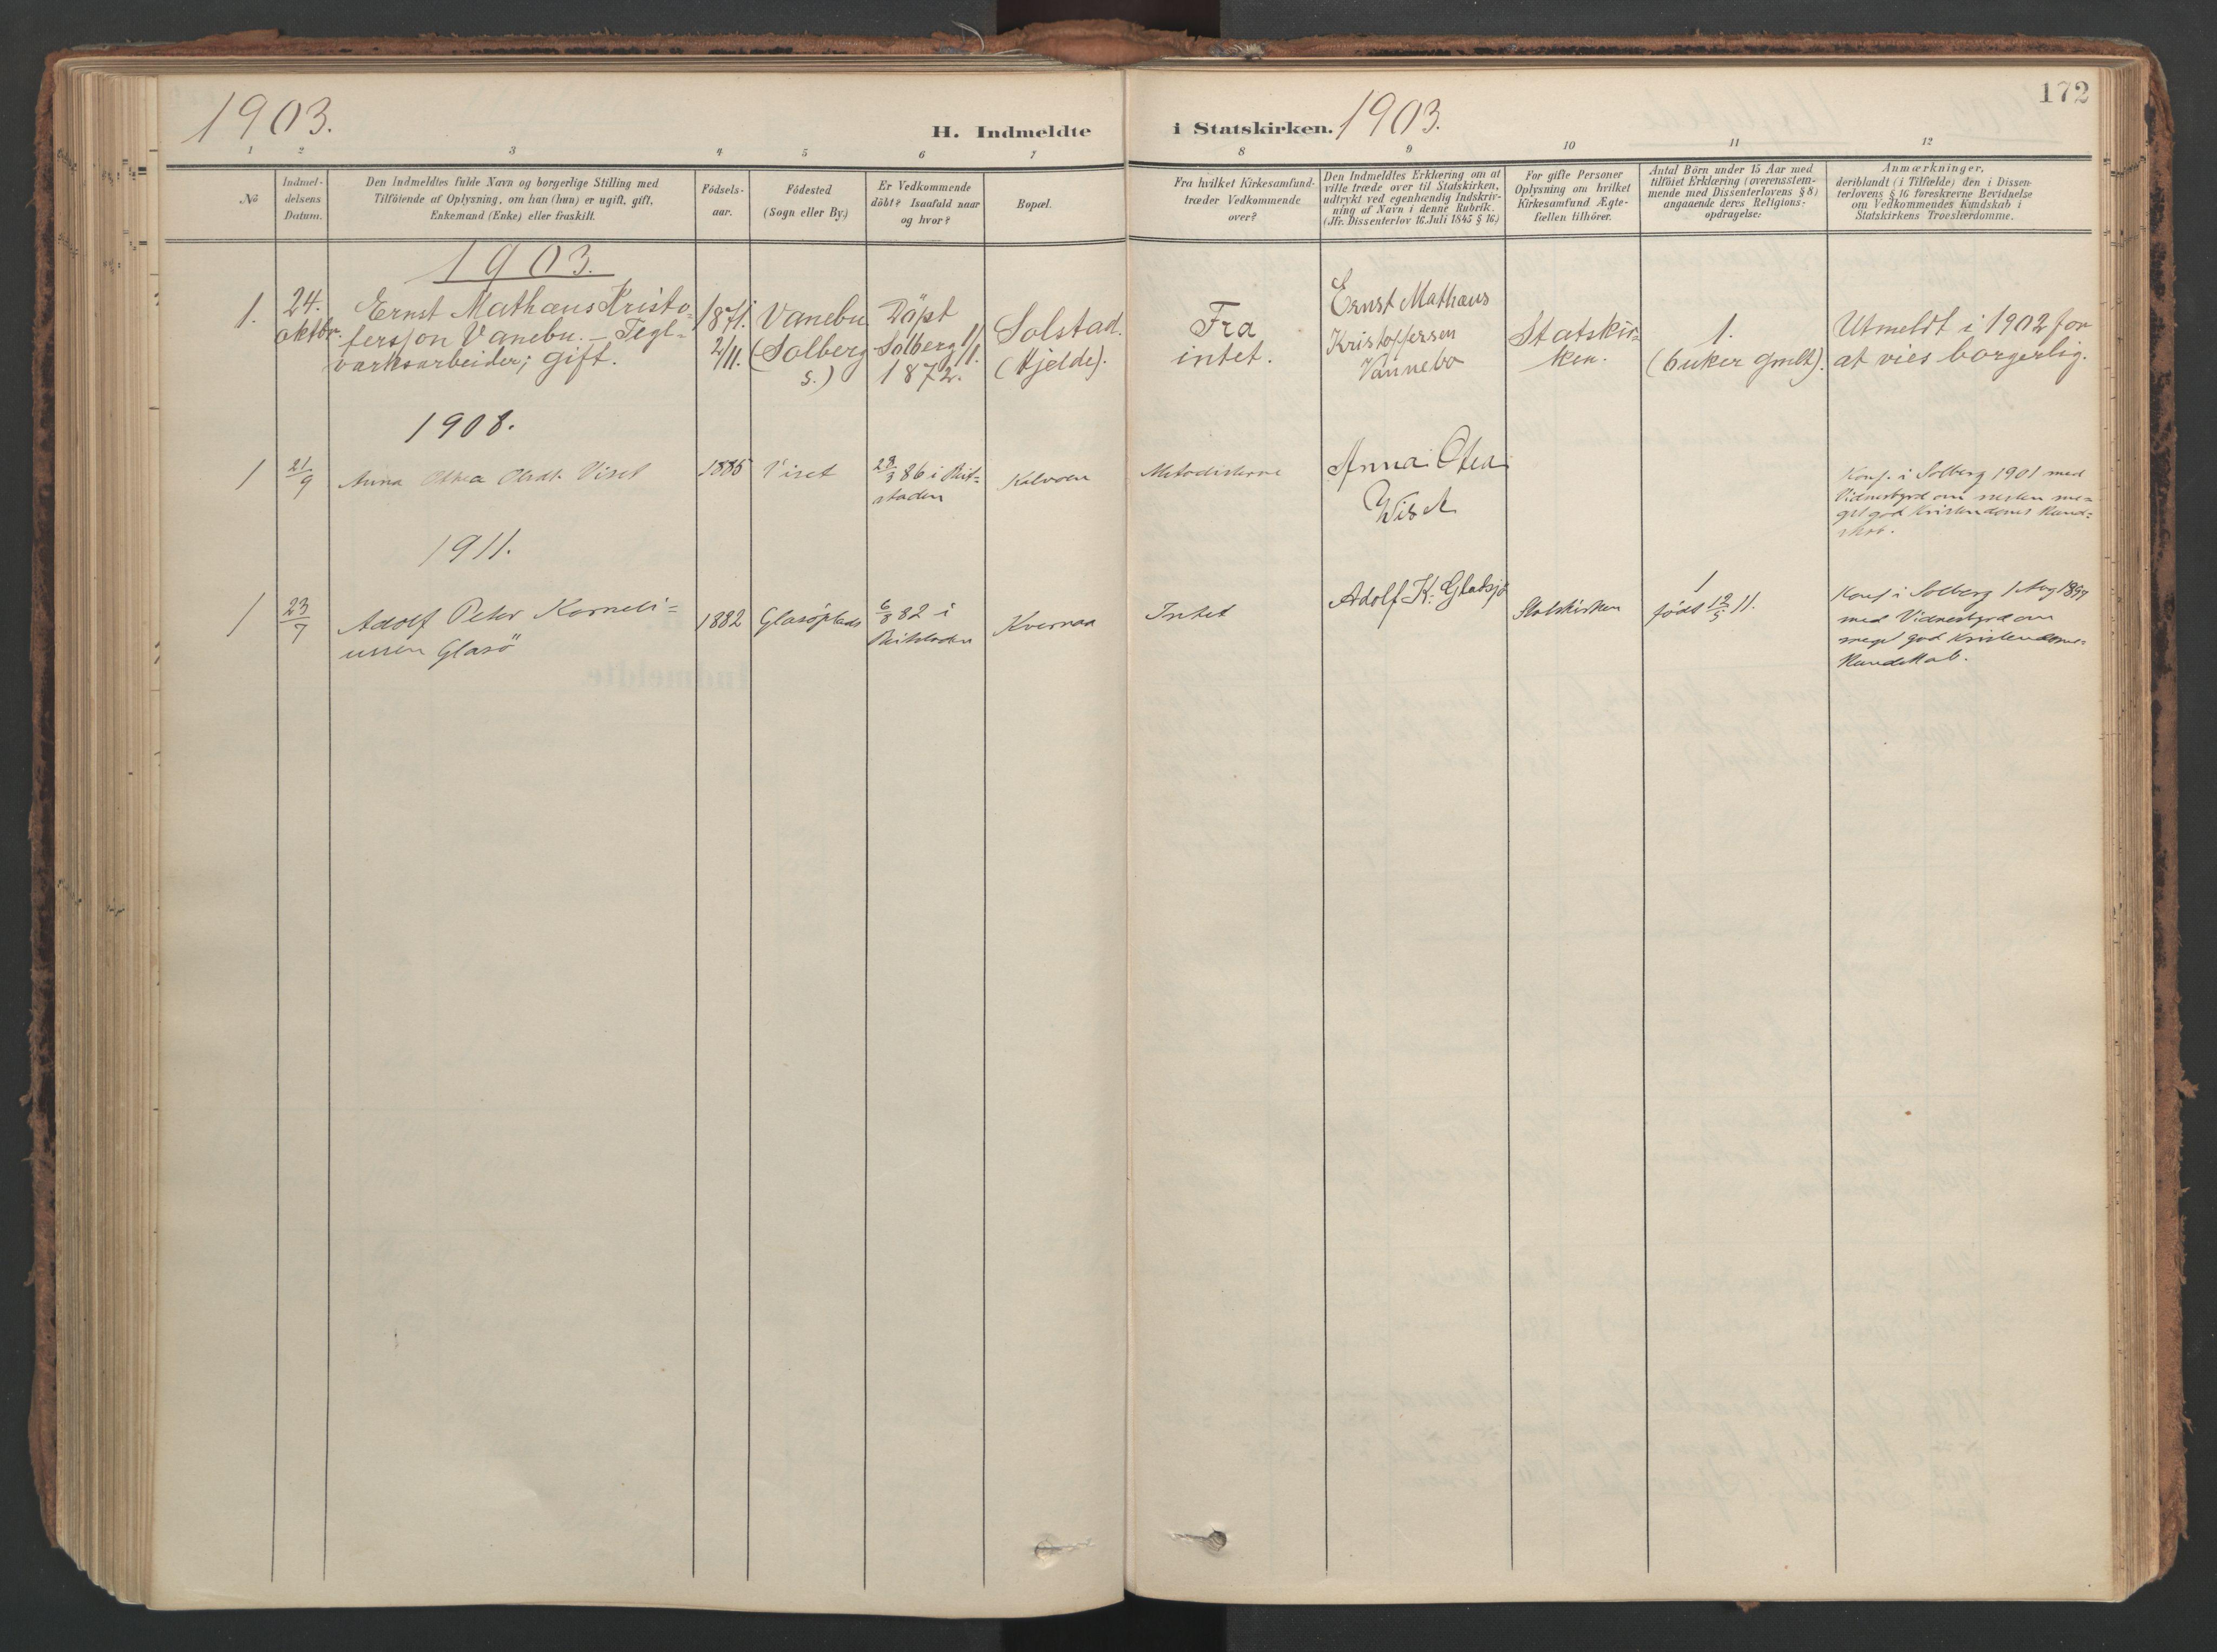 SAT, Ministerialprotokoller, klokkerbøker og fødselsregistre - Nord-Trøndelag, 741/L0397: Ministerialbok nr. 741A11, 1901-1911, s. 172